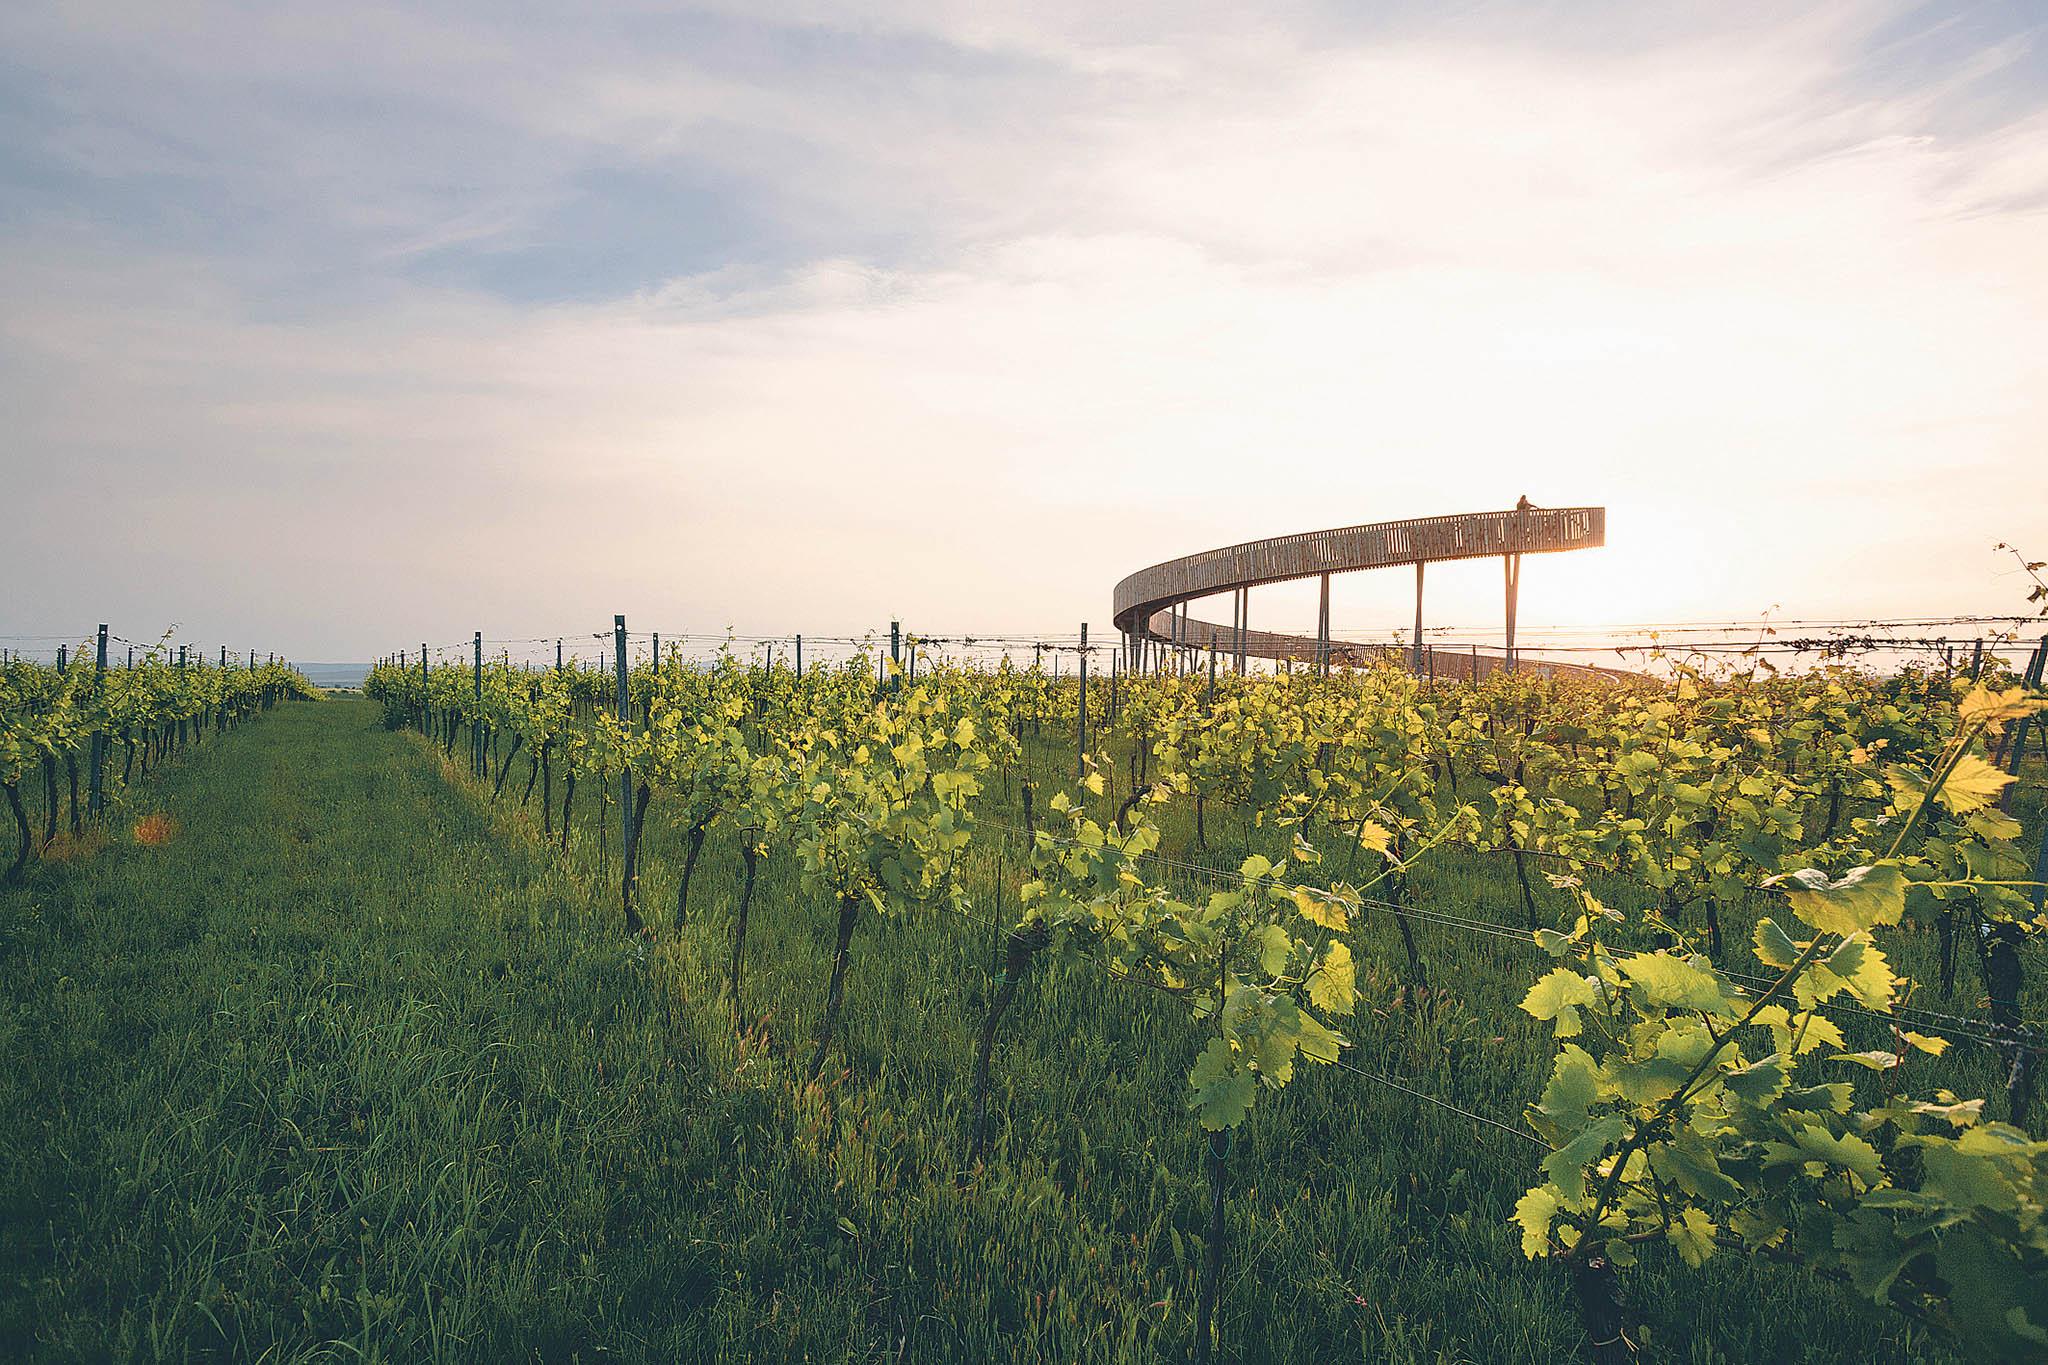 Stezka nad vinohrady